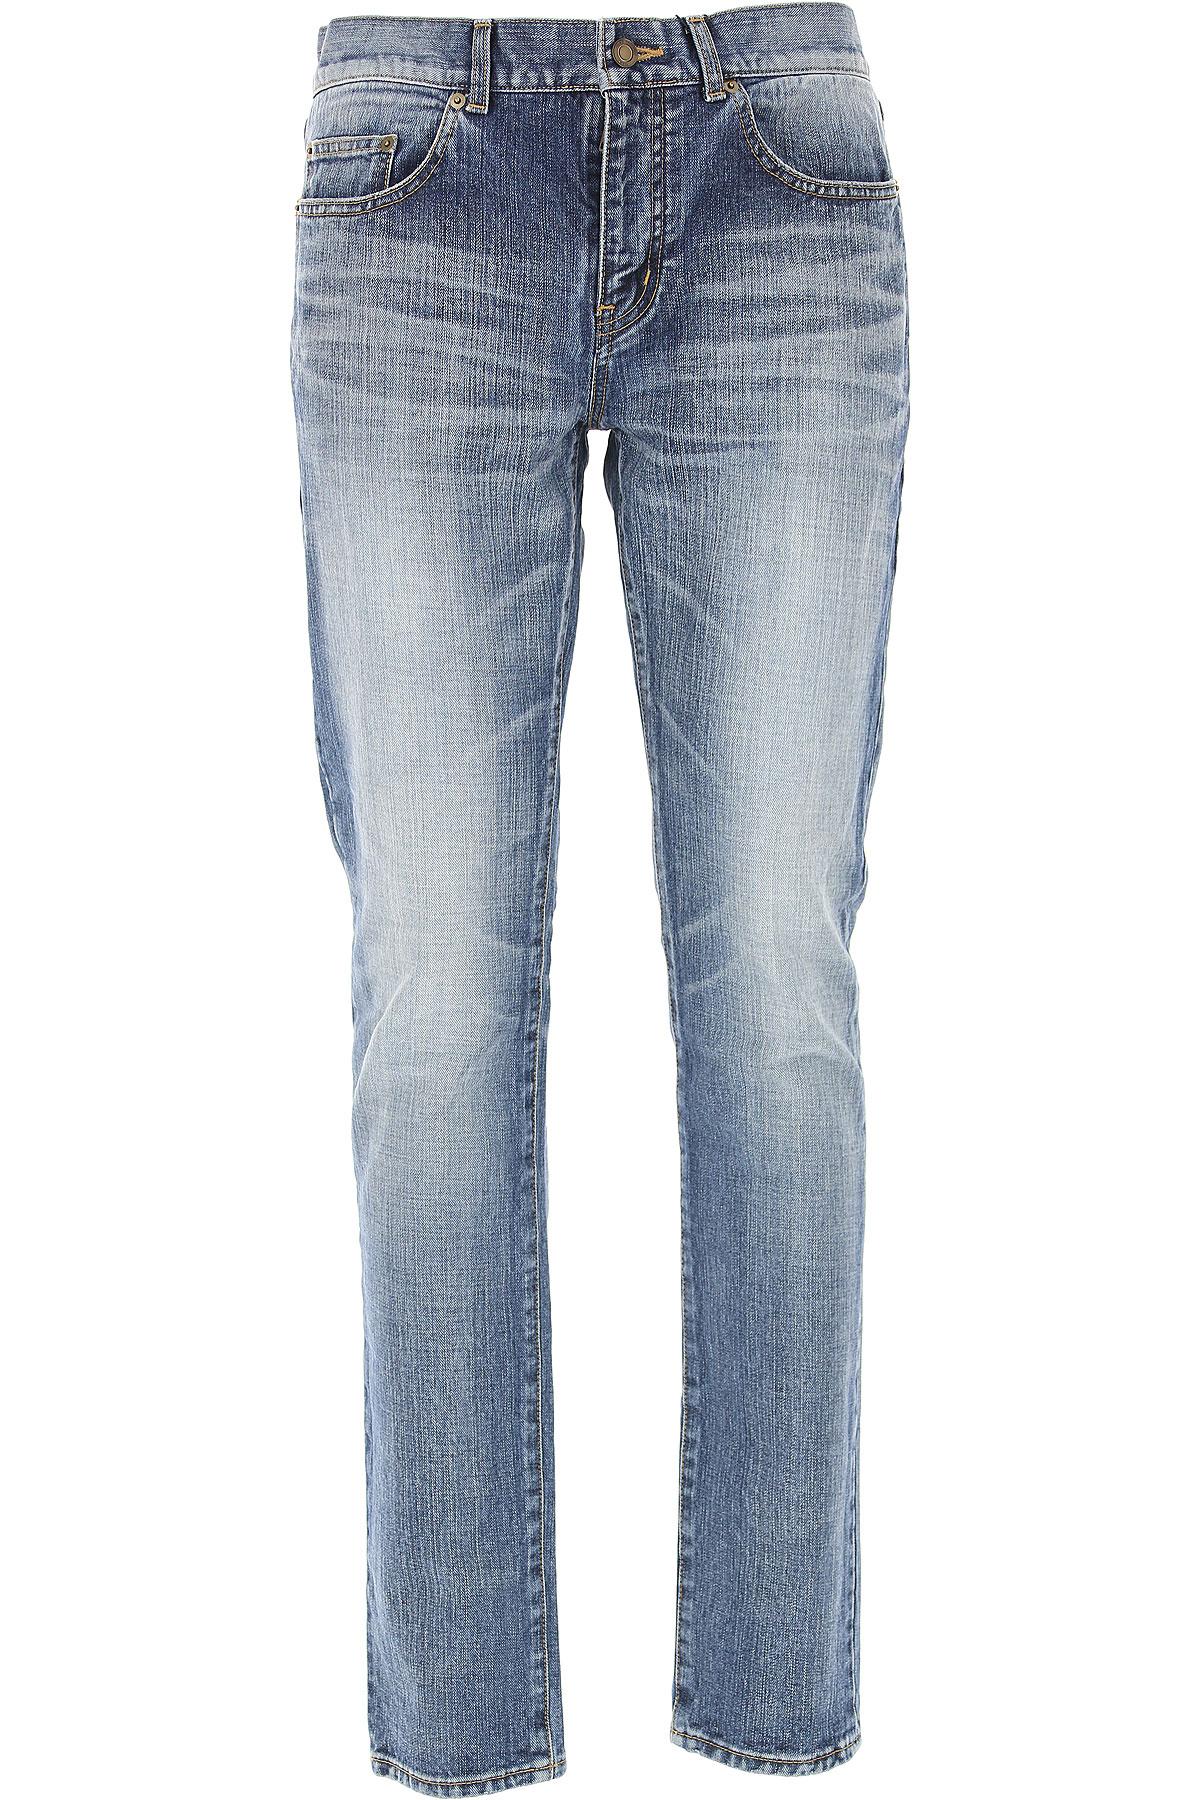 Yves Saint Laurent Jeans On Sale, Blue Denim, Cotton, 2017, 30 31 32 USA-466228